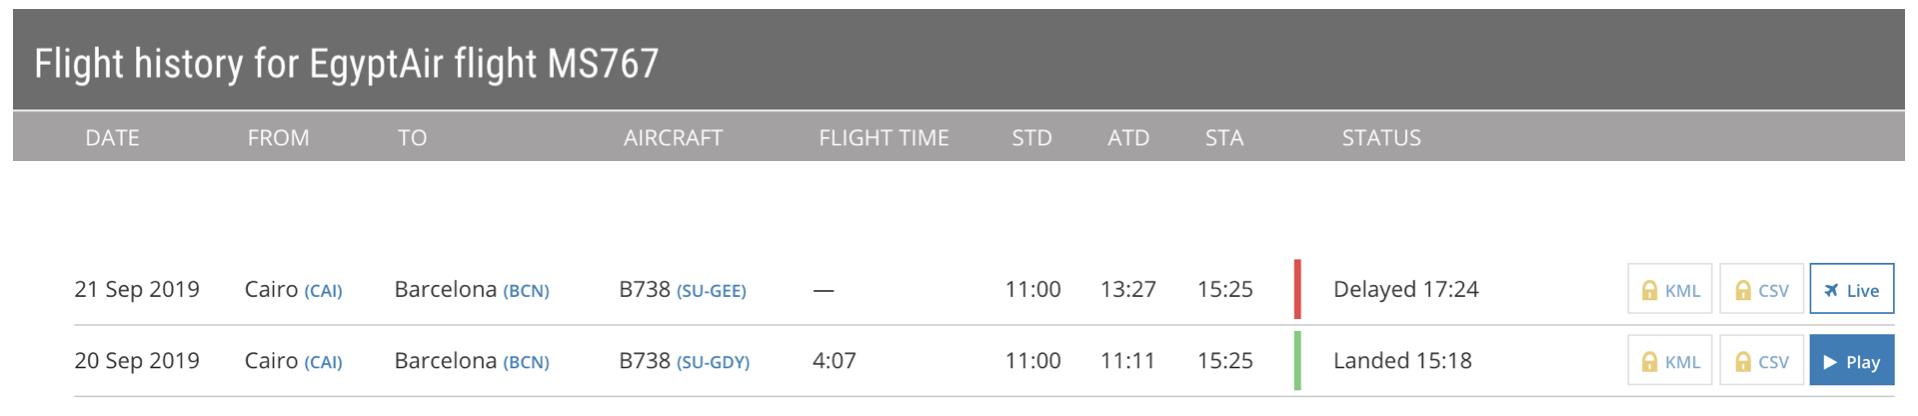 Flight history - Egypt Air flight